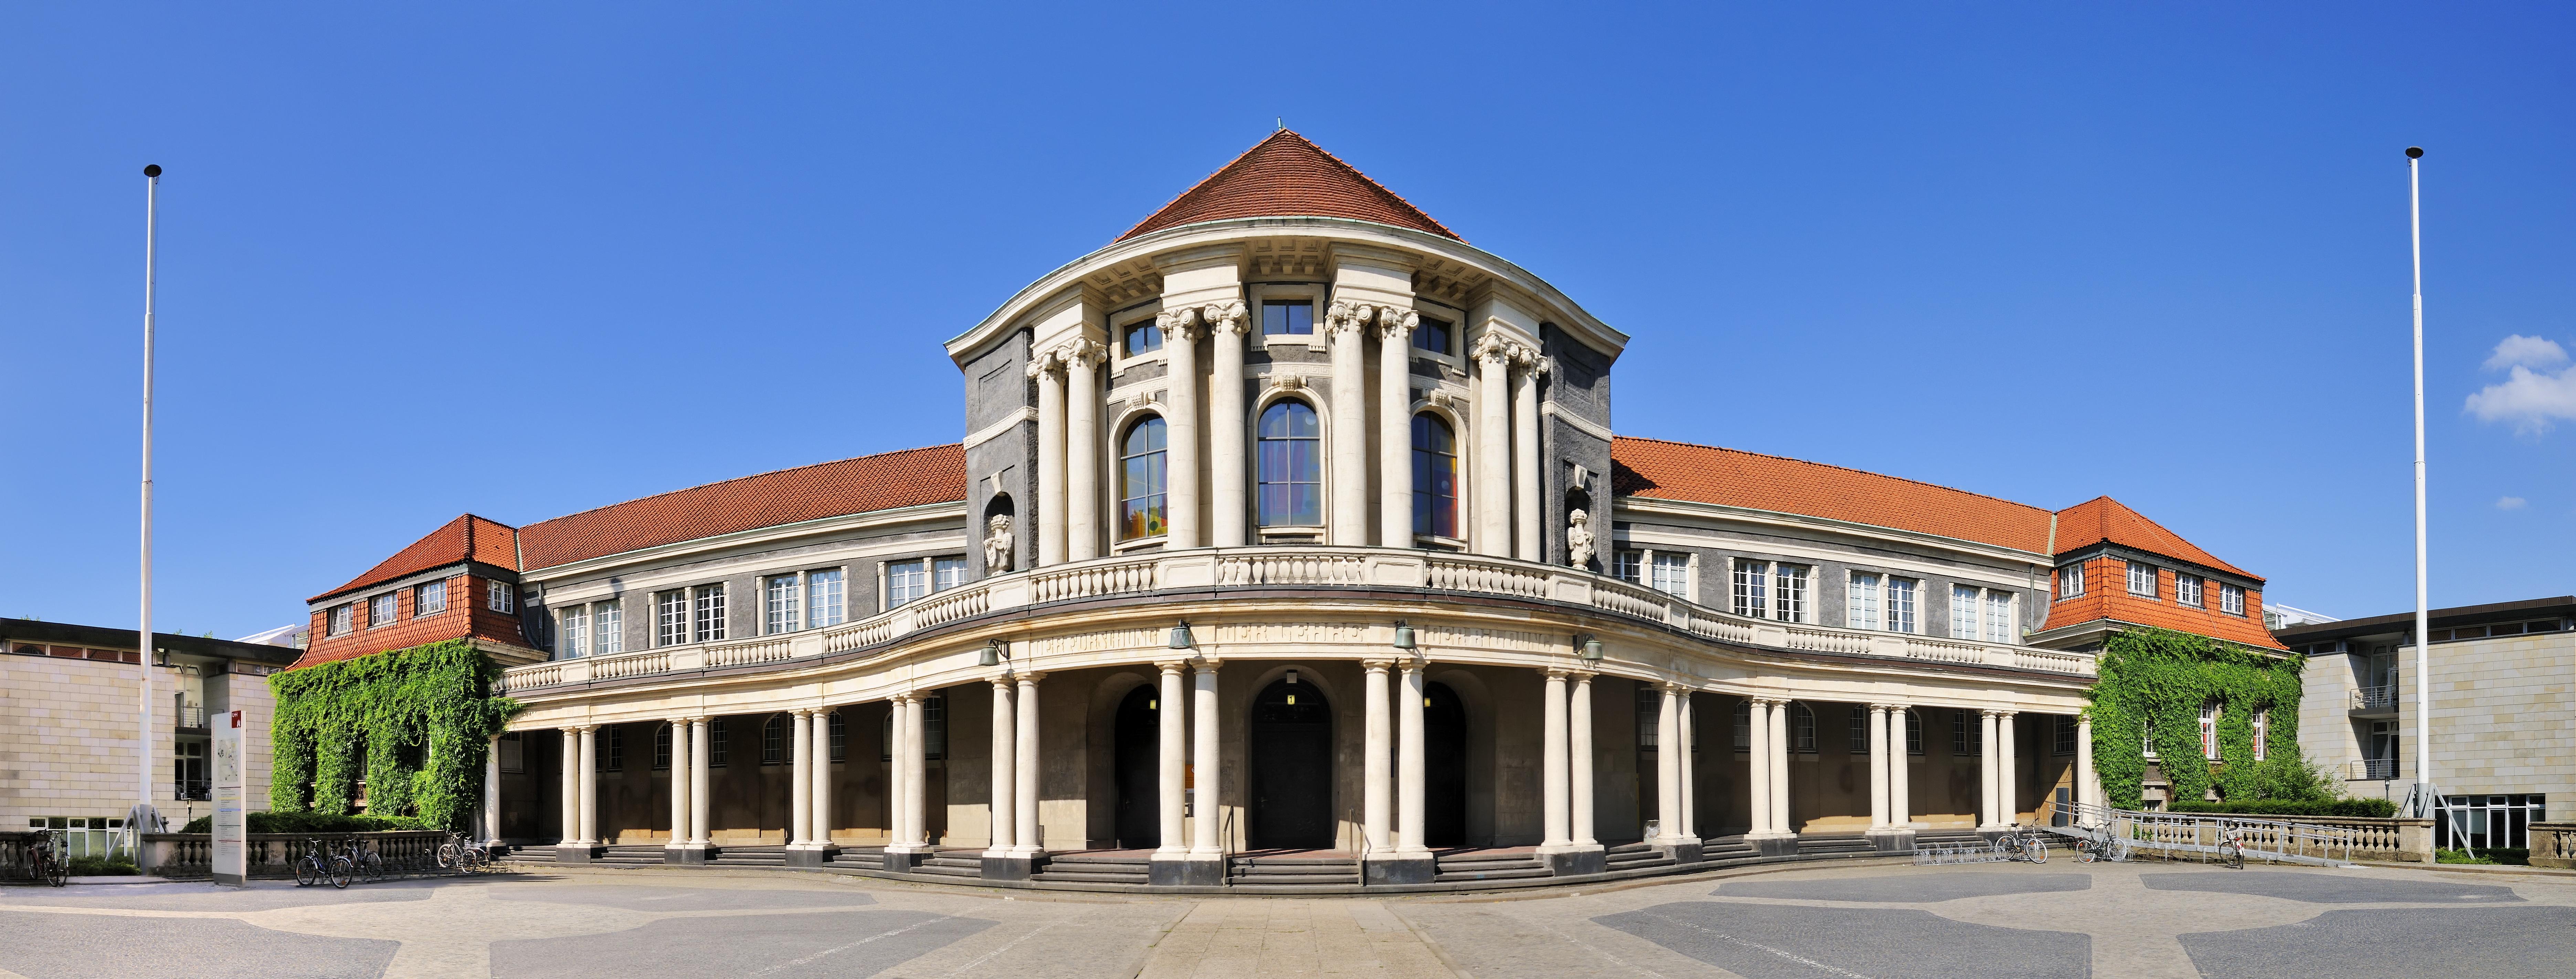 Verhaltenskodex zur religionsaus bung an der universit t for Hamburg universitat